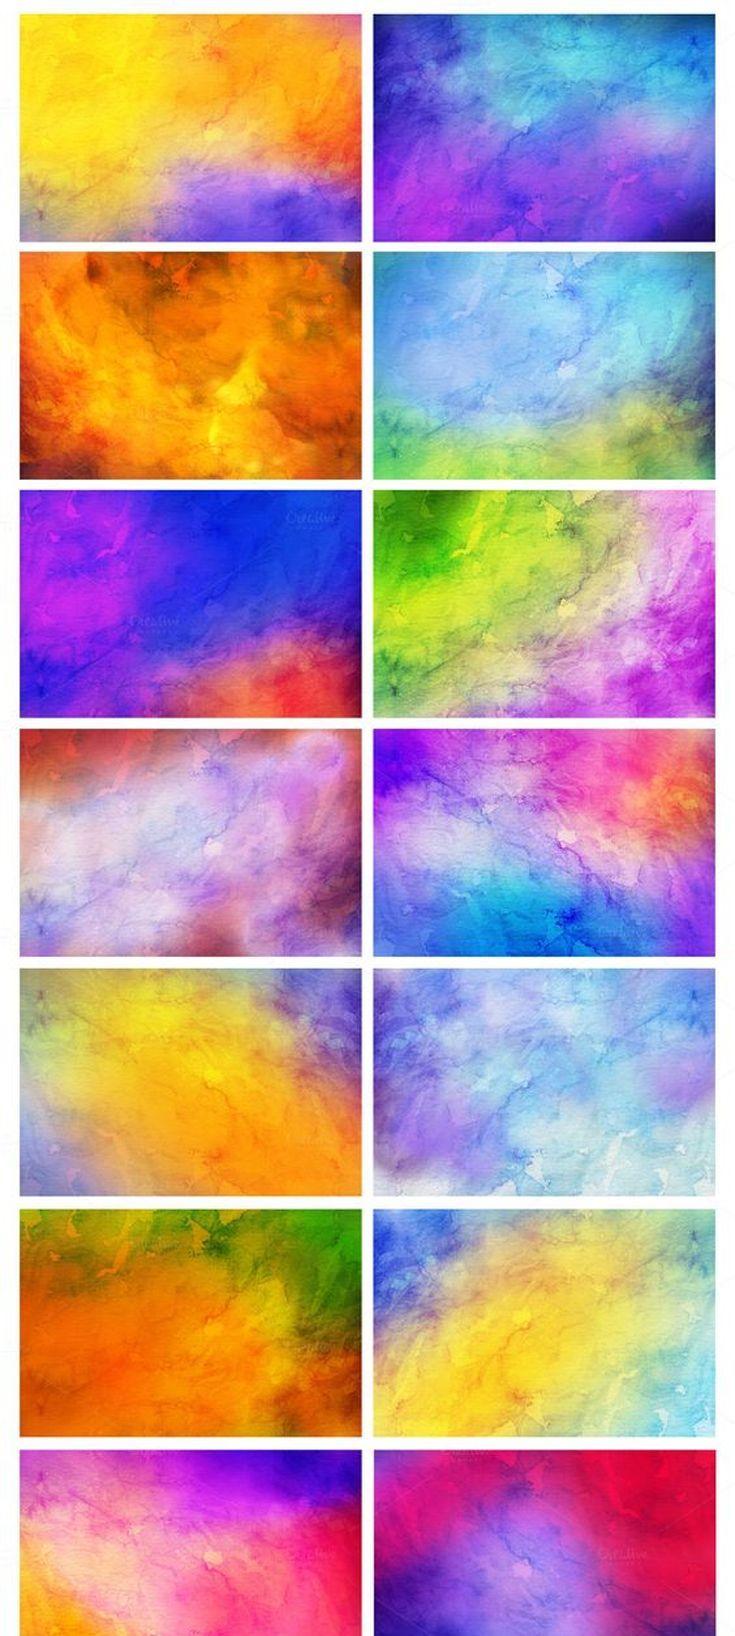 52 Watercolor Backgrounds Desktop Wallpaper Art Desktop